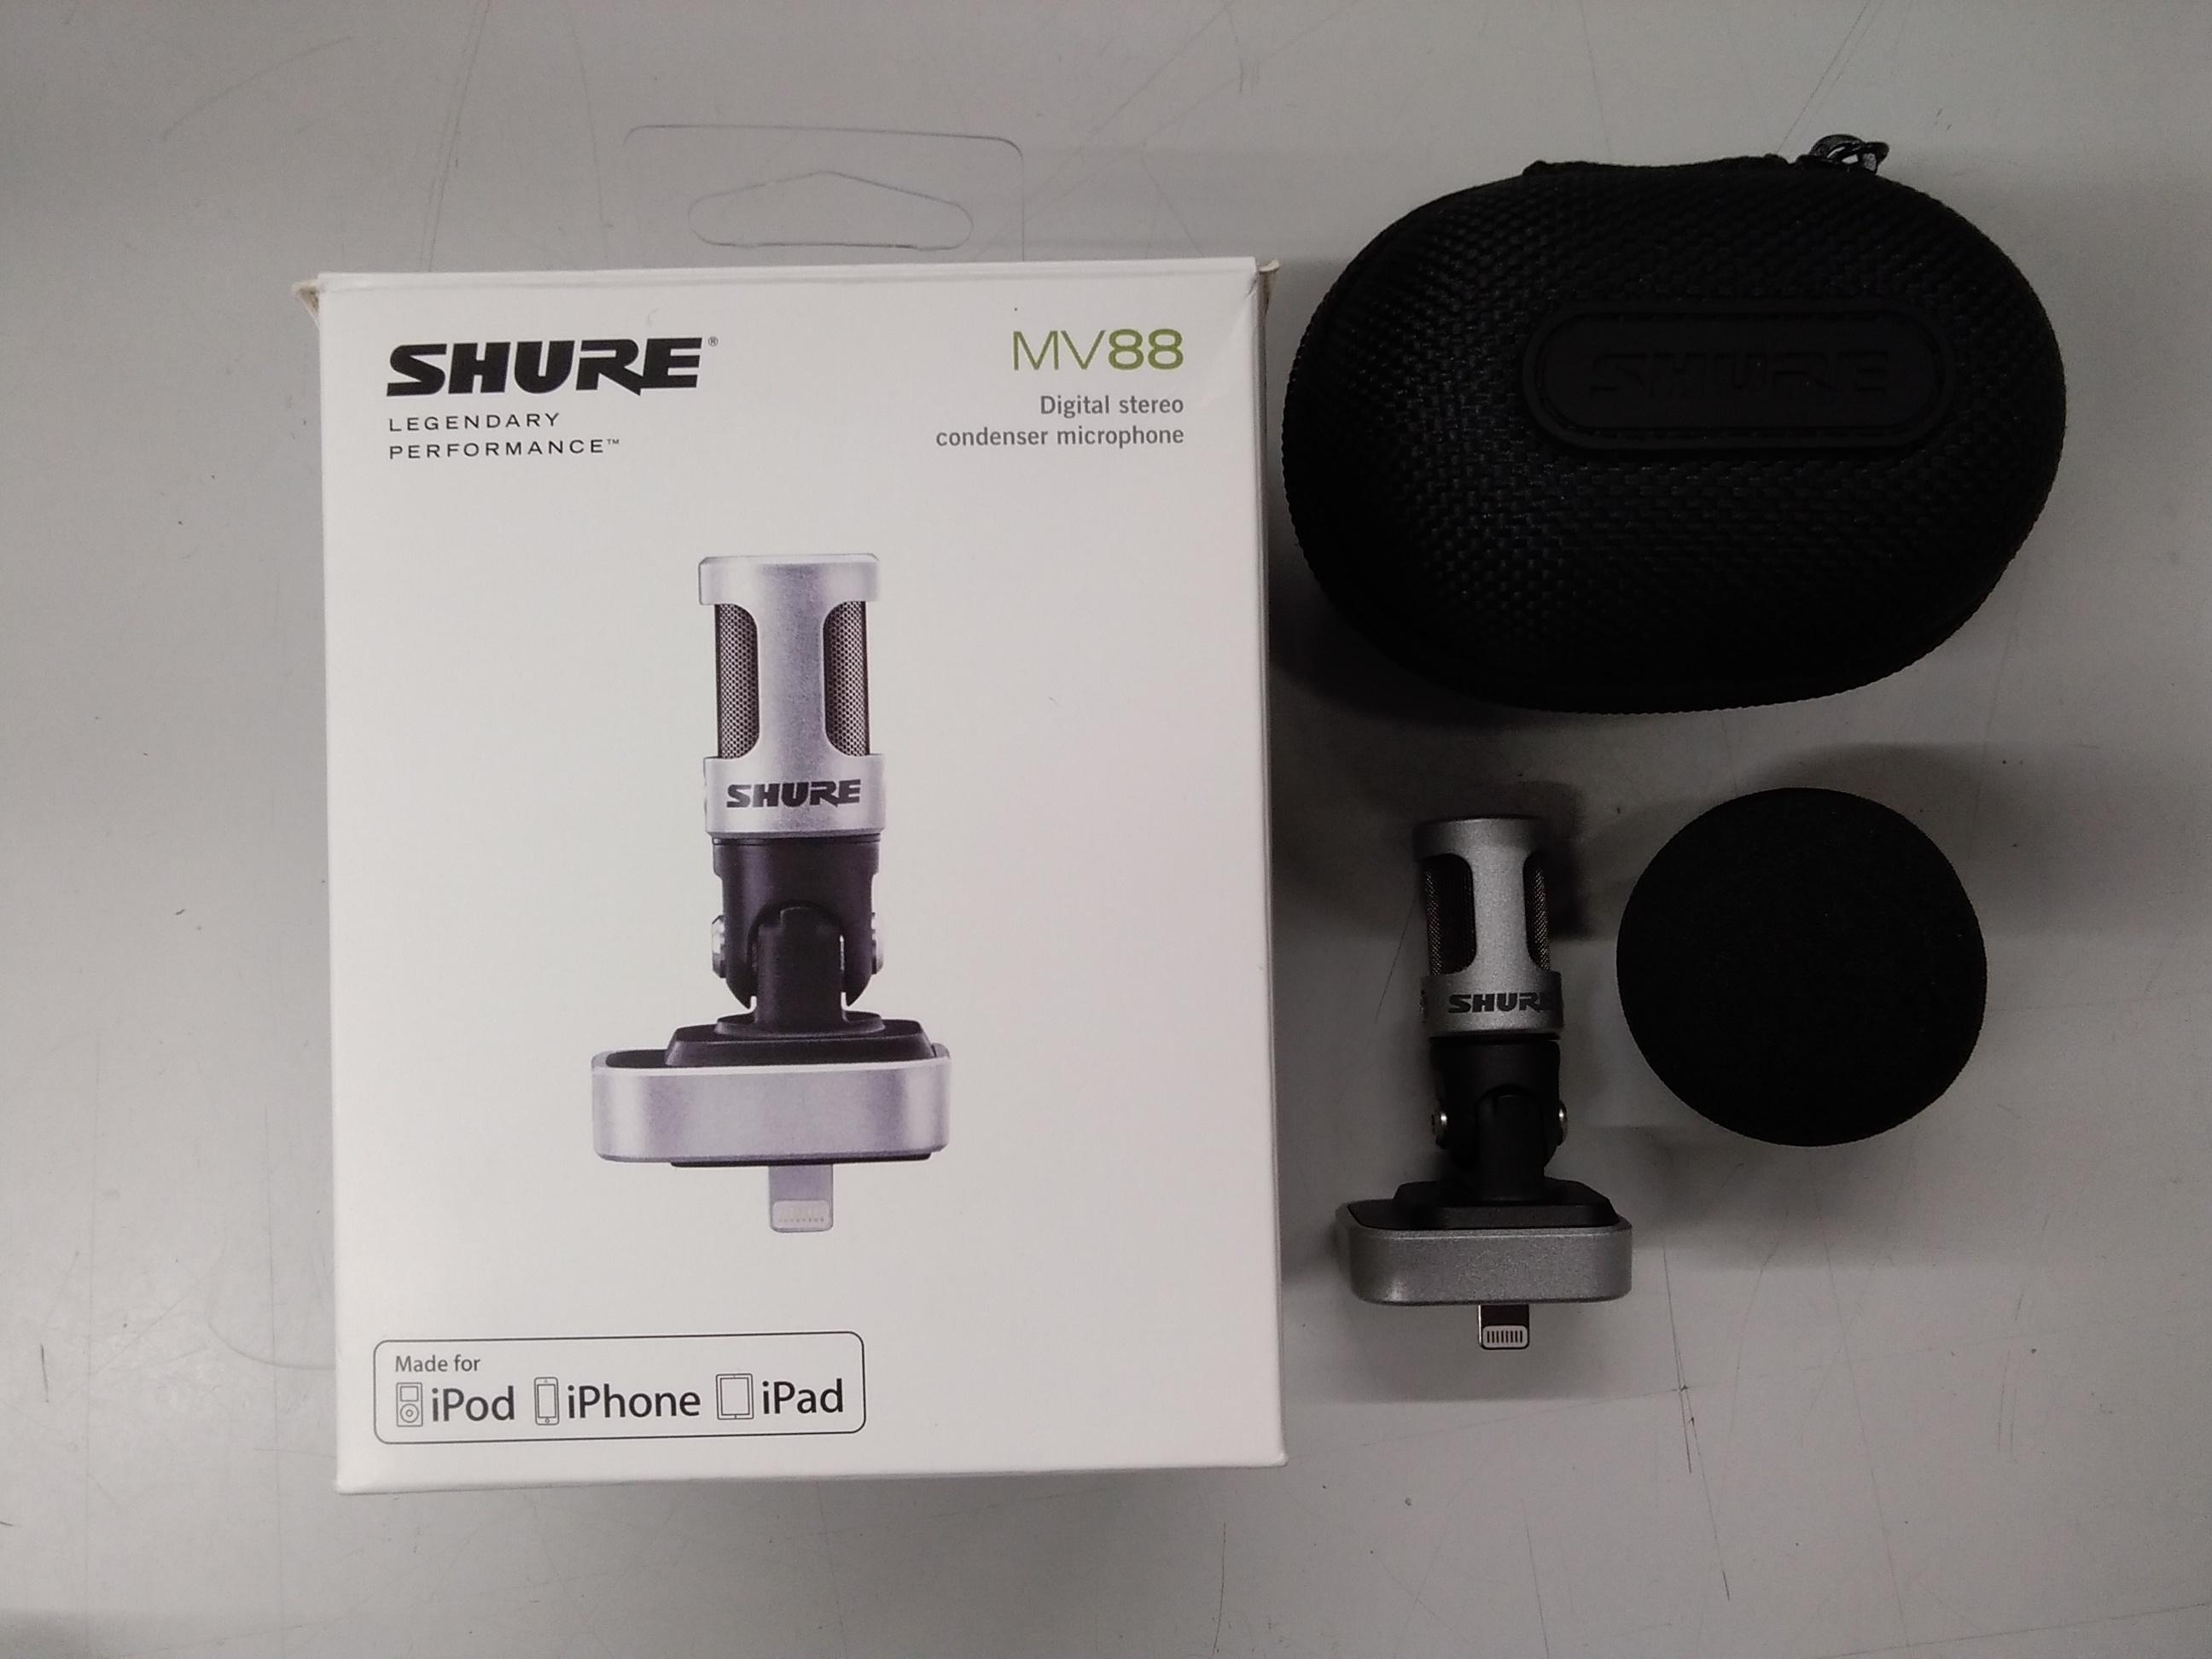 ライトニング端子 IOSデバイス用|SHURE